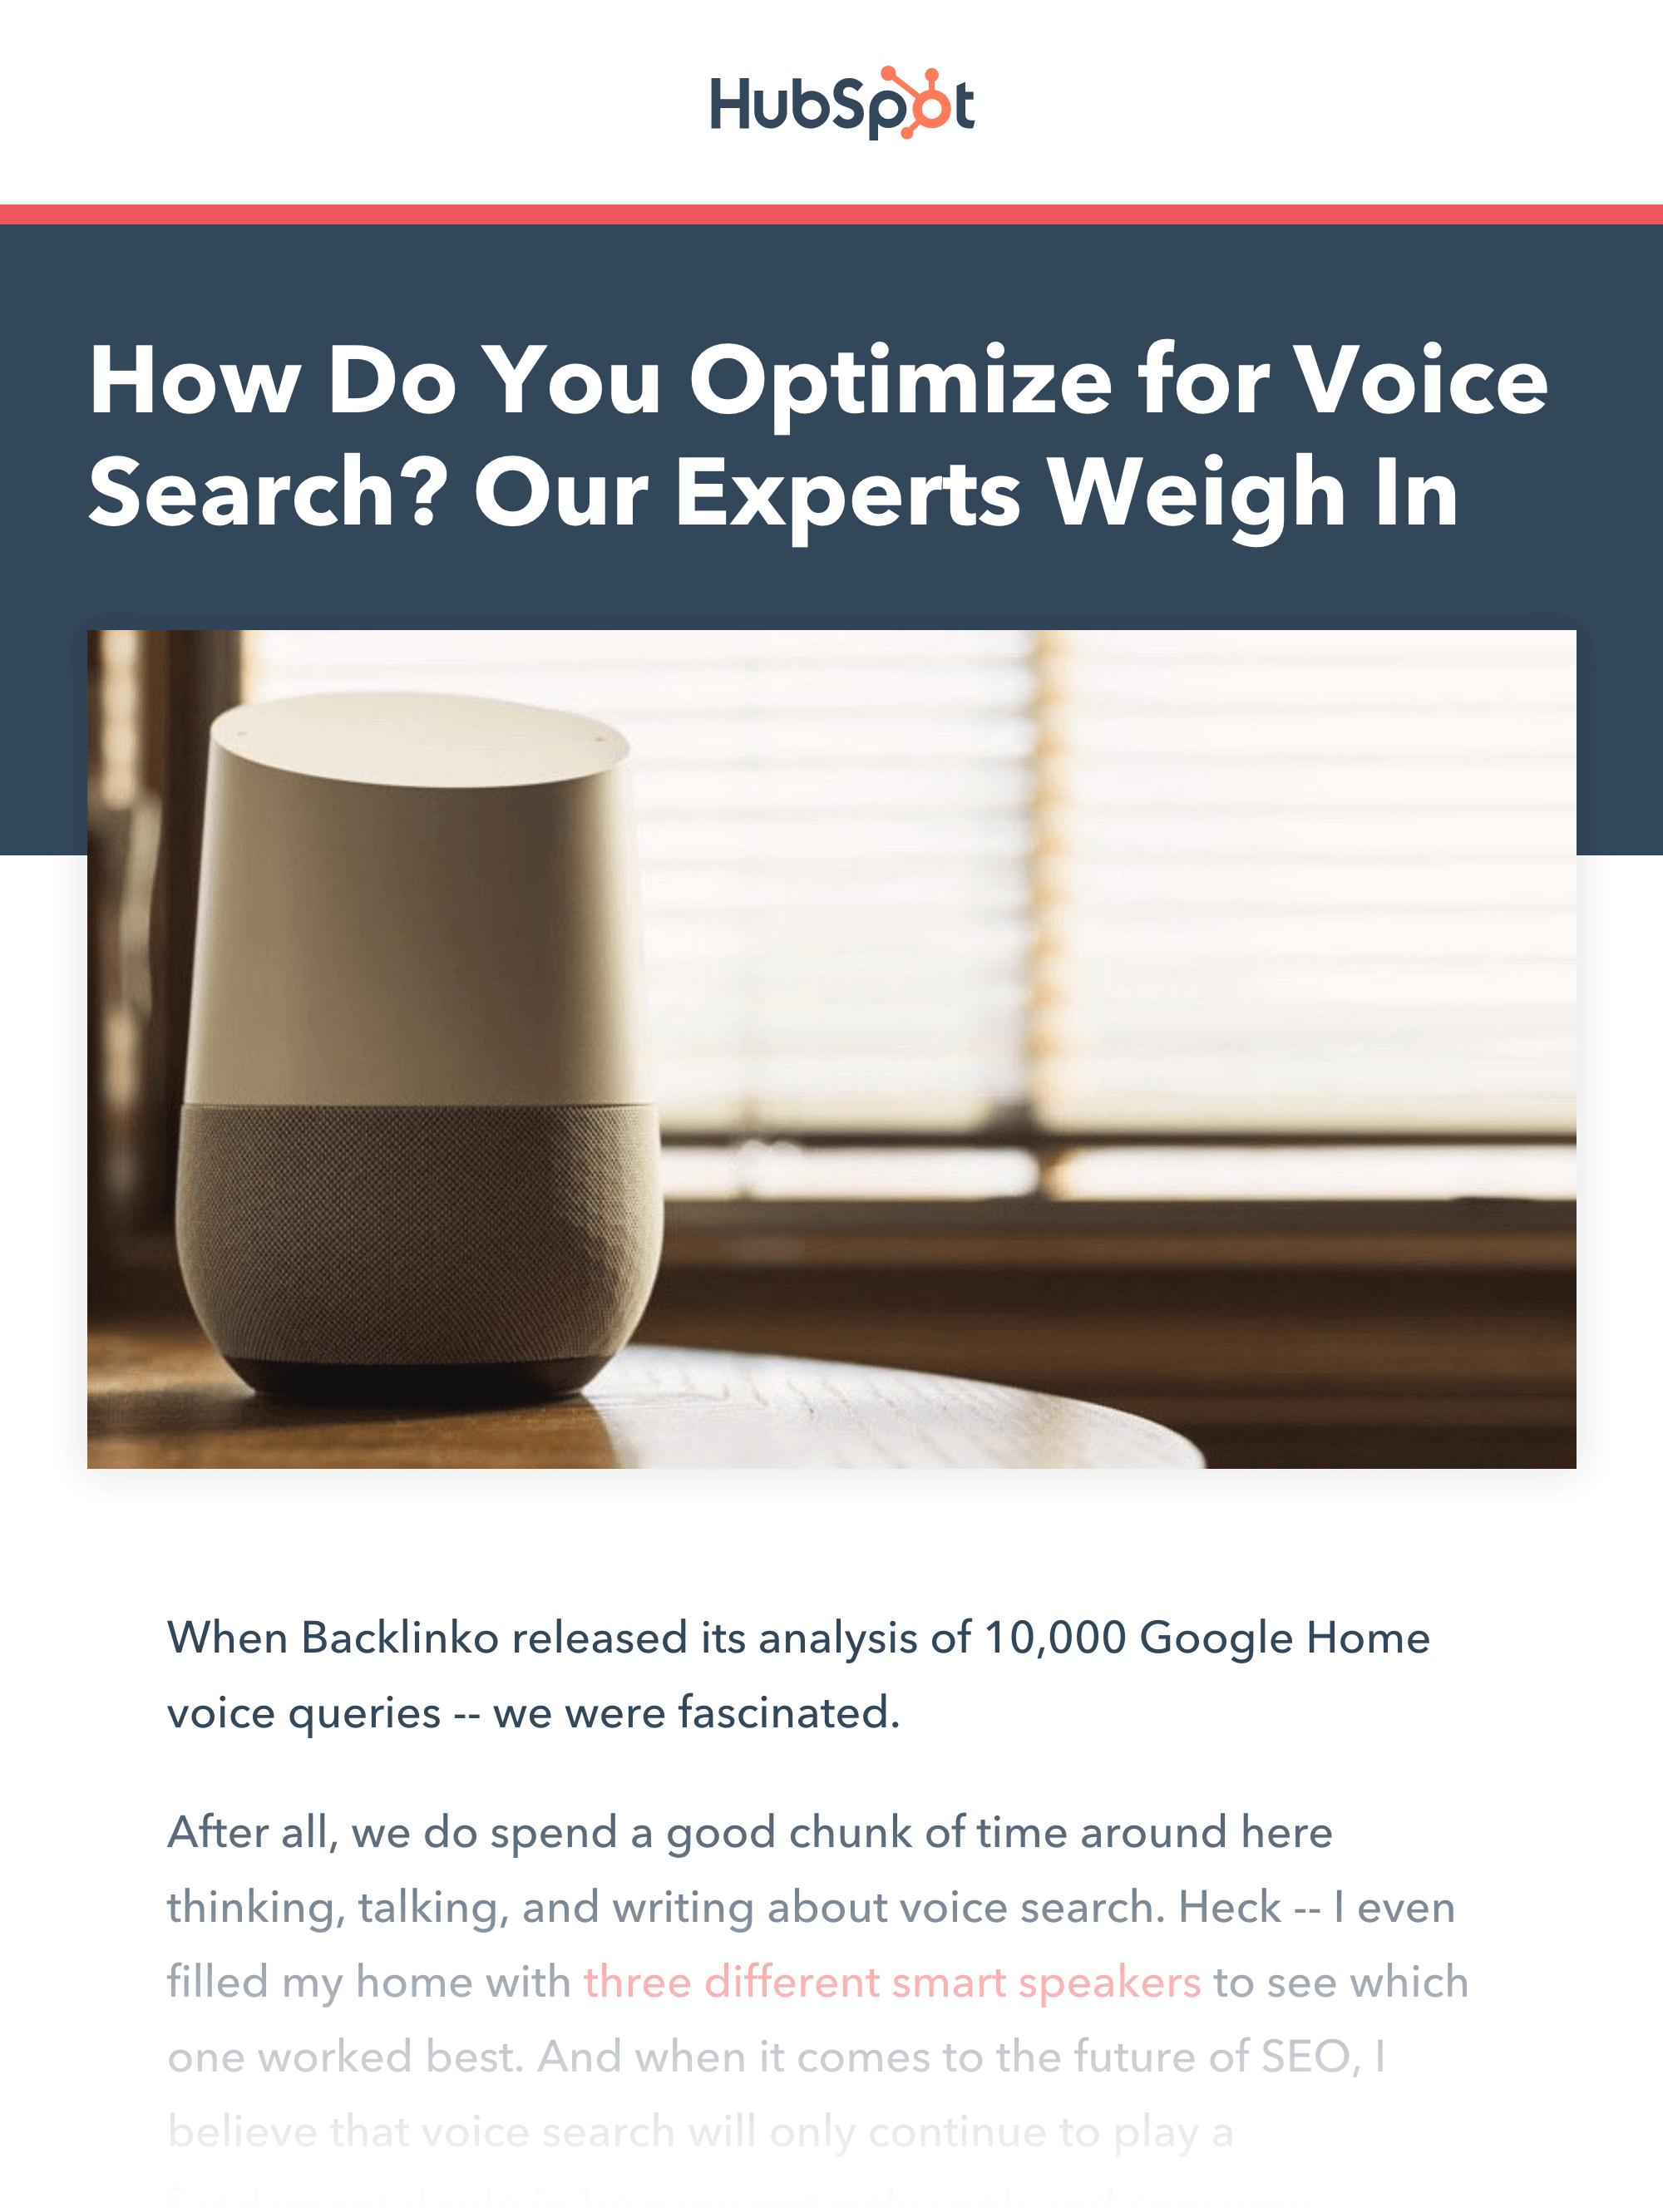 HubSpot article